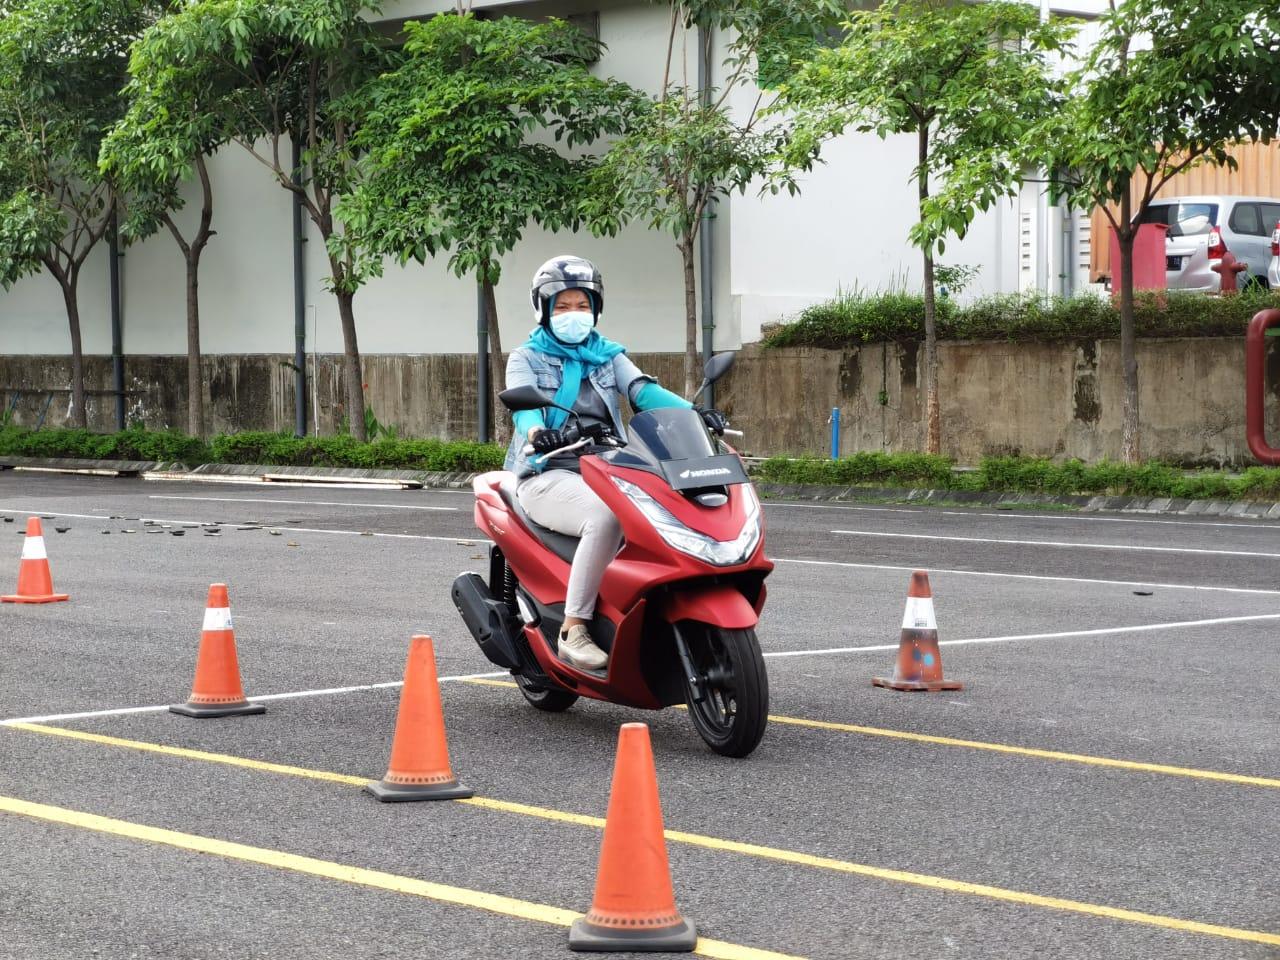 Ratusan Bikers di Jawa Timur Nyobain Motor Baru Matic 160cc